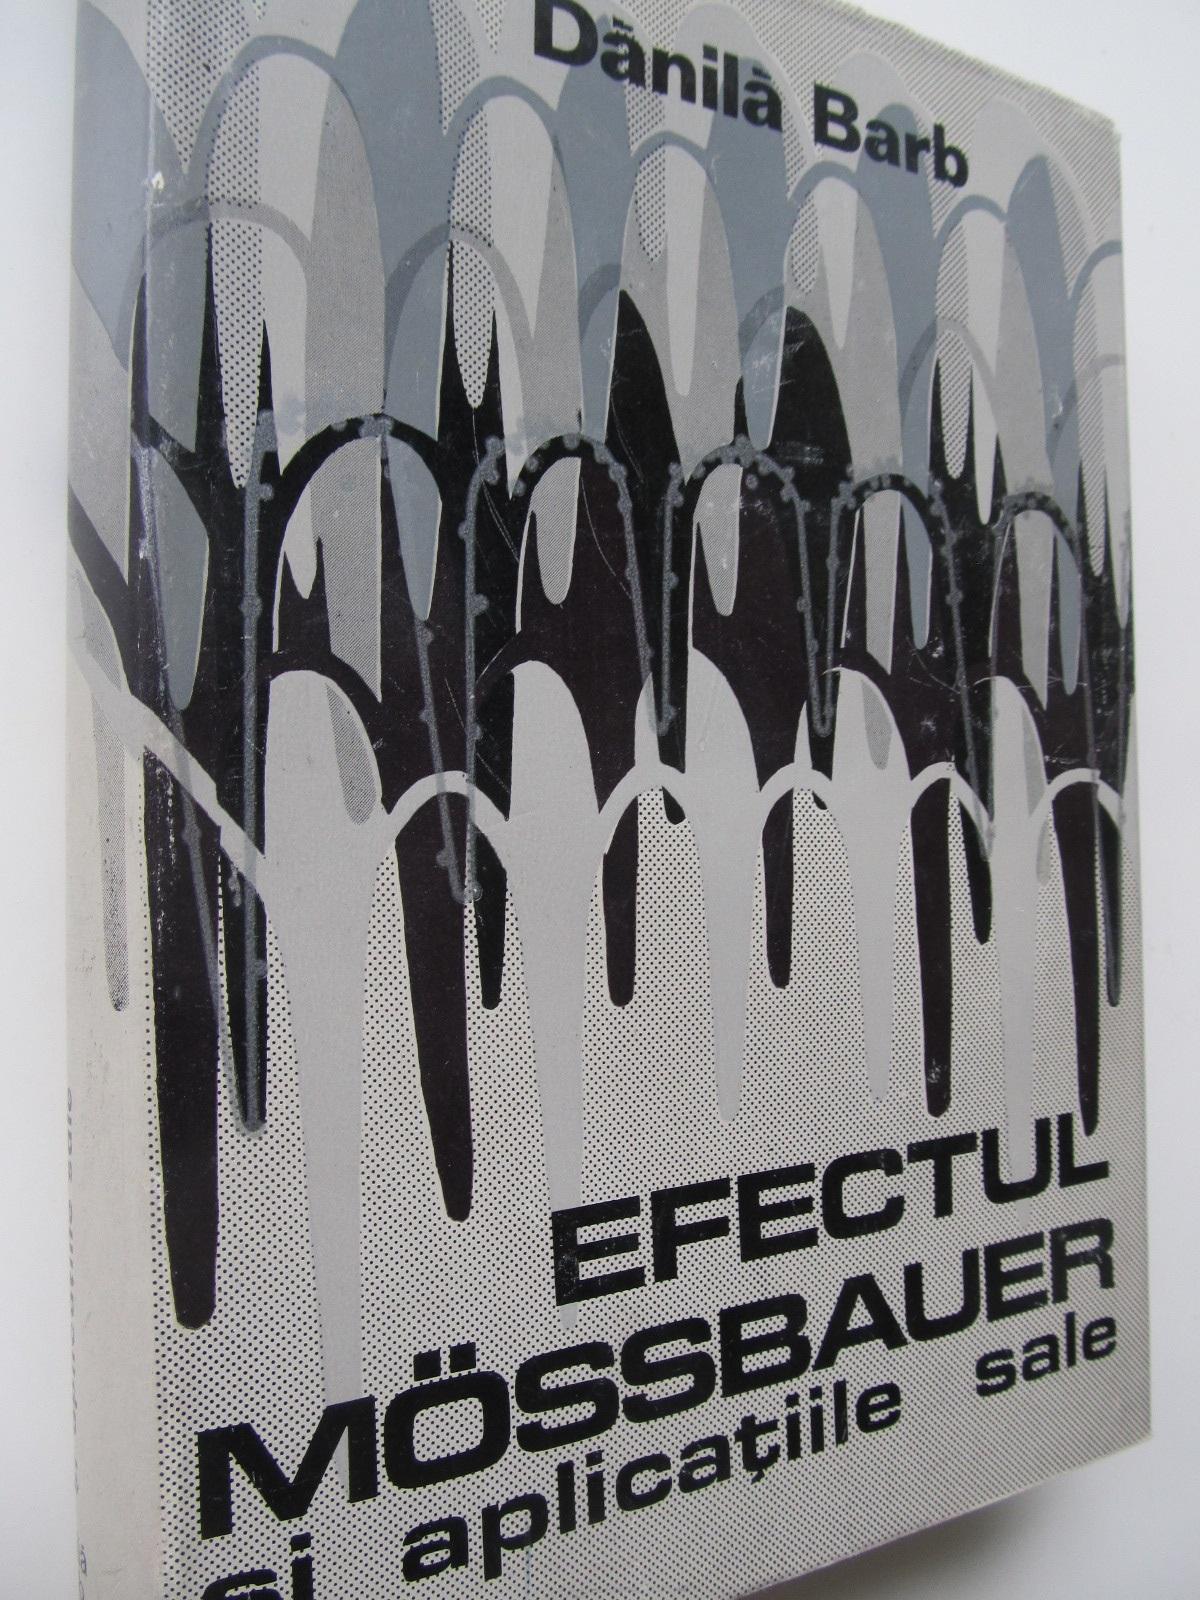 Efectul Mossbauer si aplicatiile sale - Daniloa Barb | Detalii carte